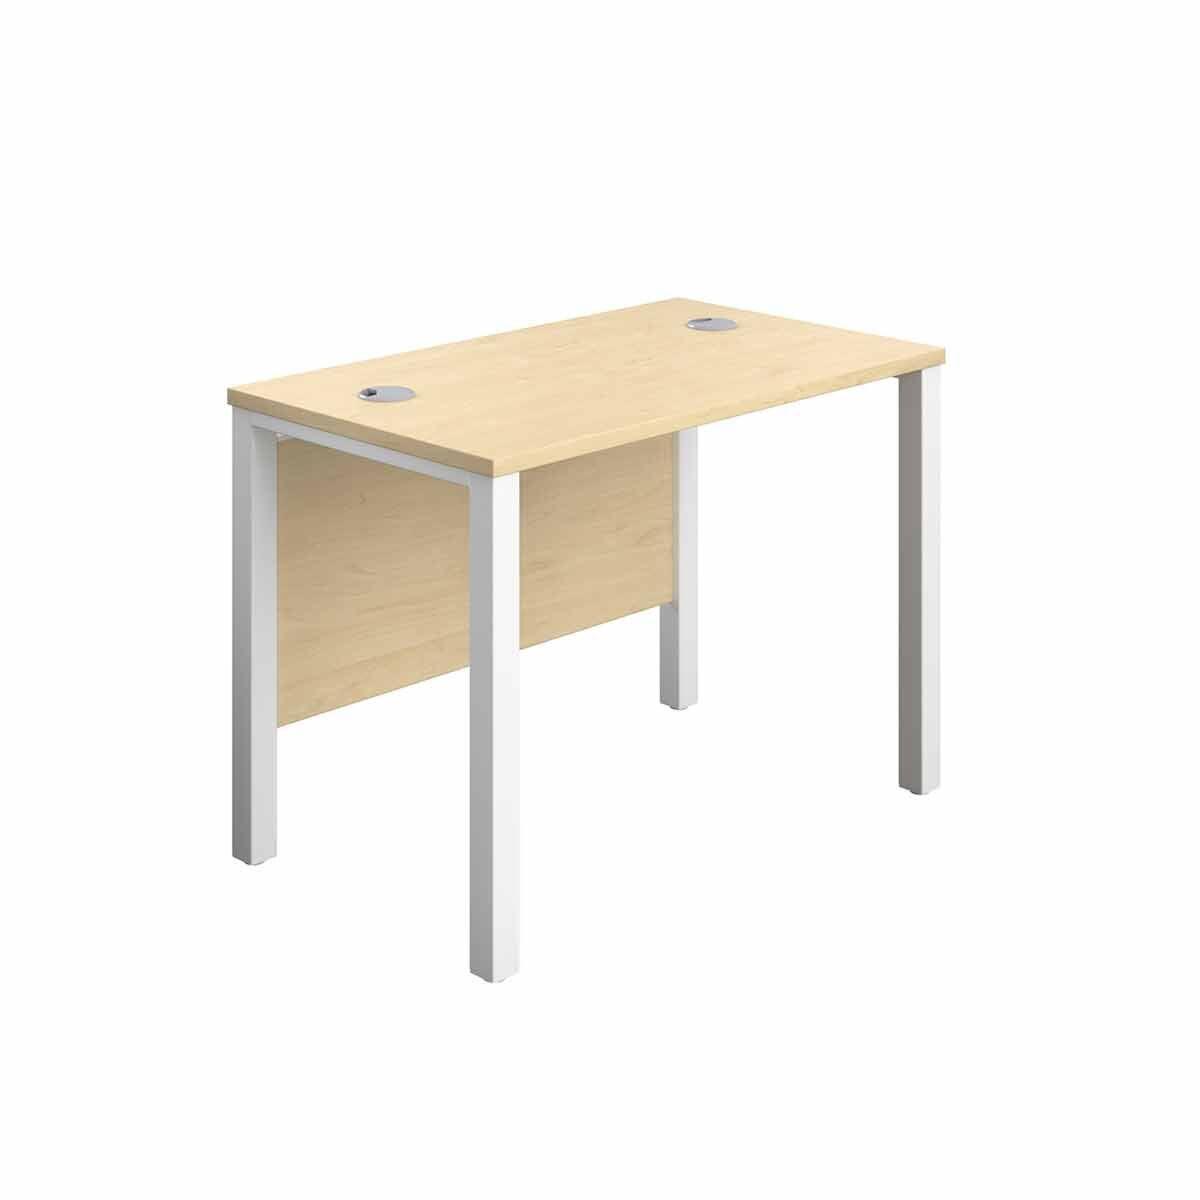 TC Office White Goal Post Rectangular Desk 100cm Maple